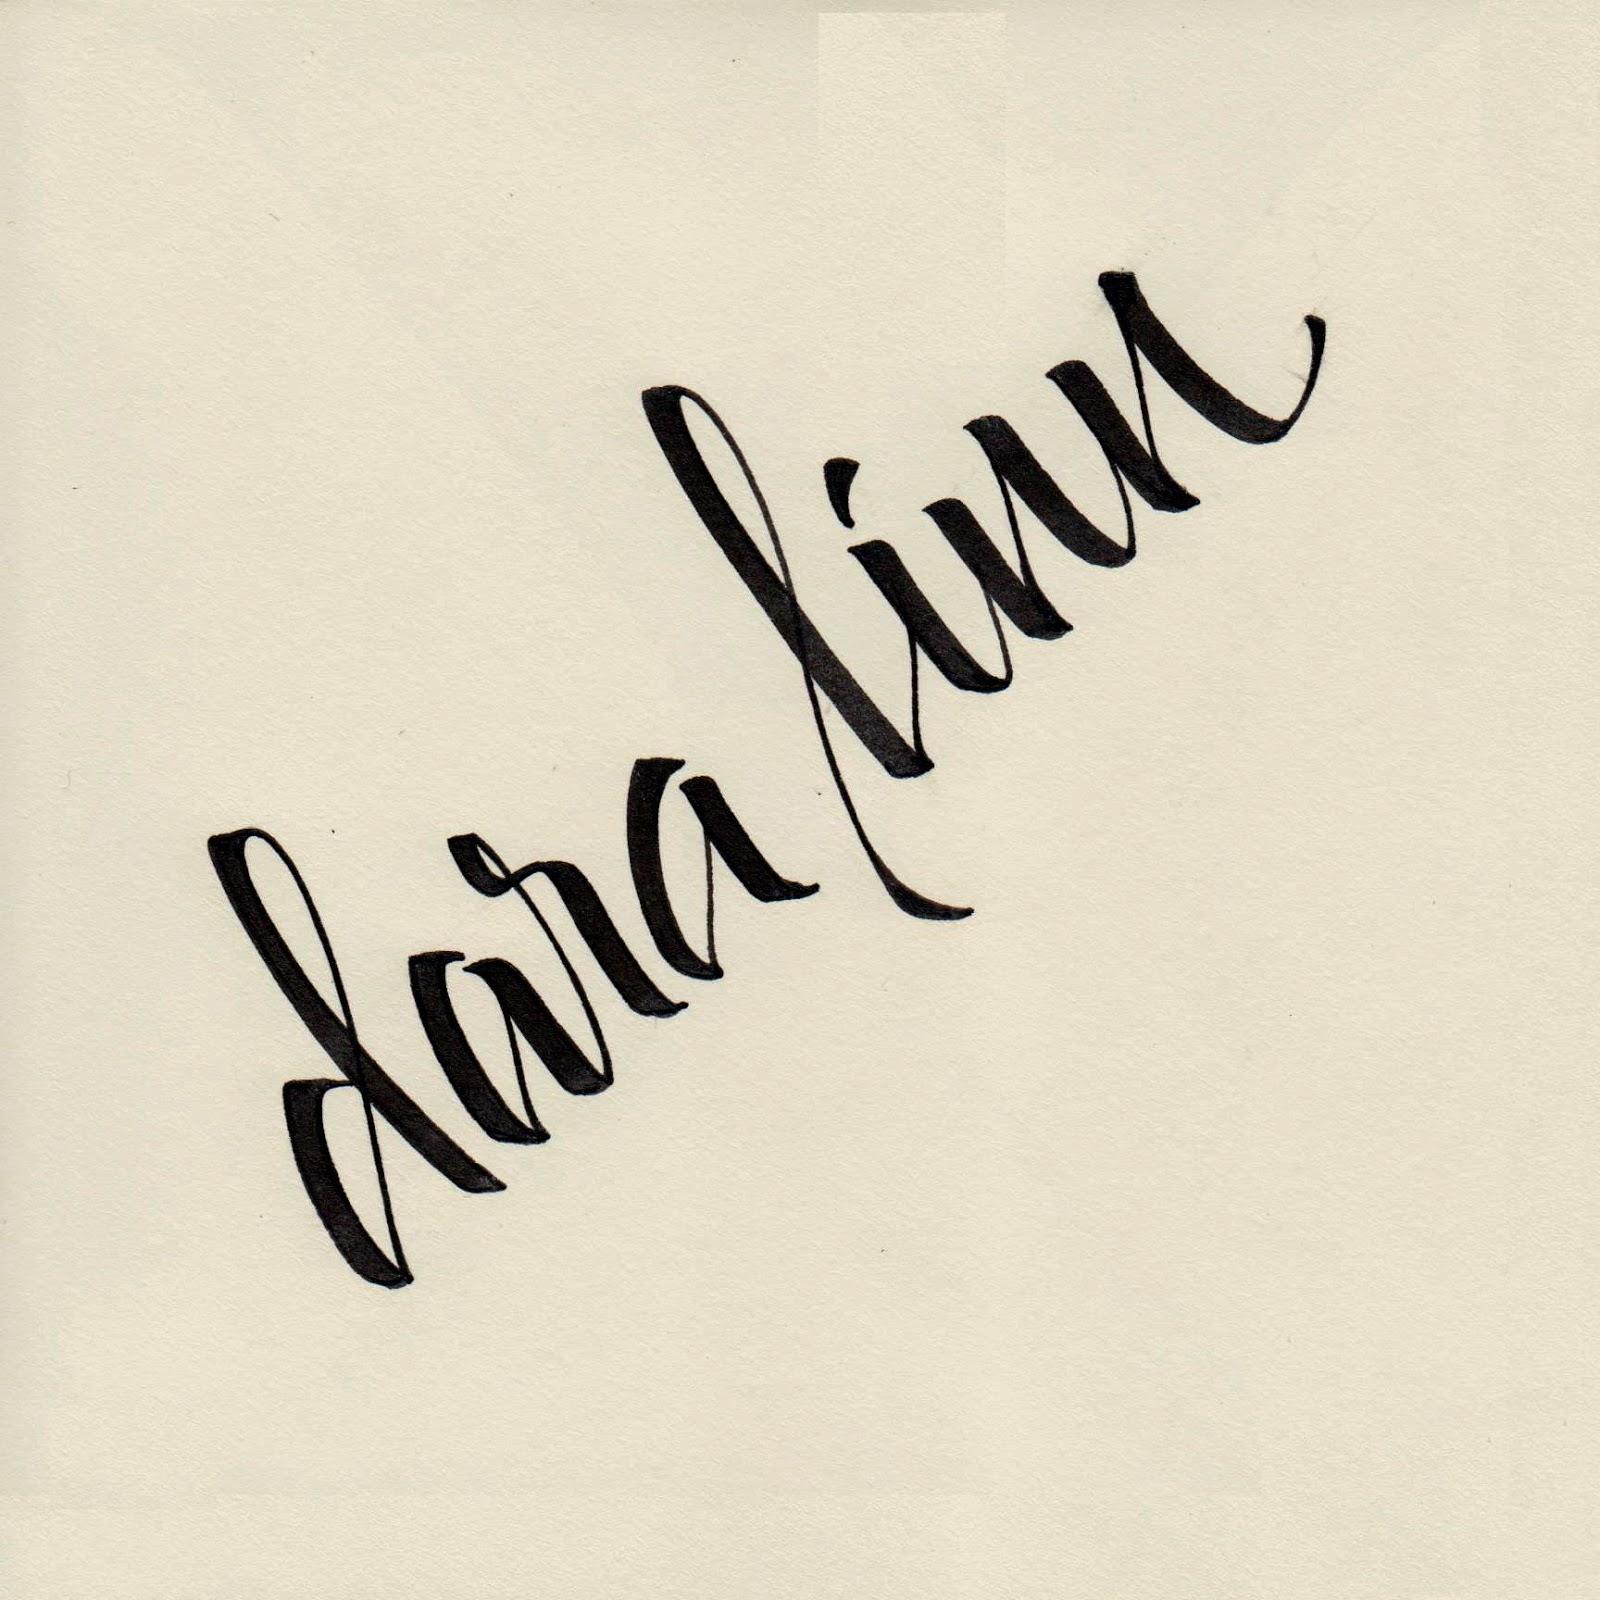 Long village studio teaching brush lettering